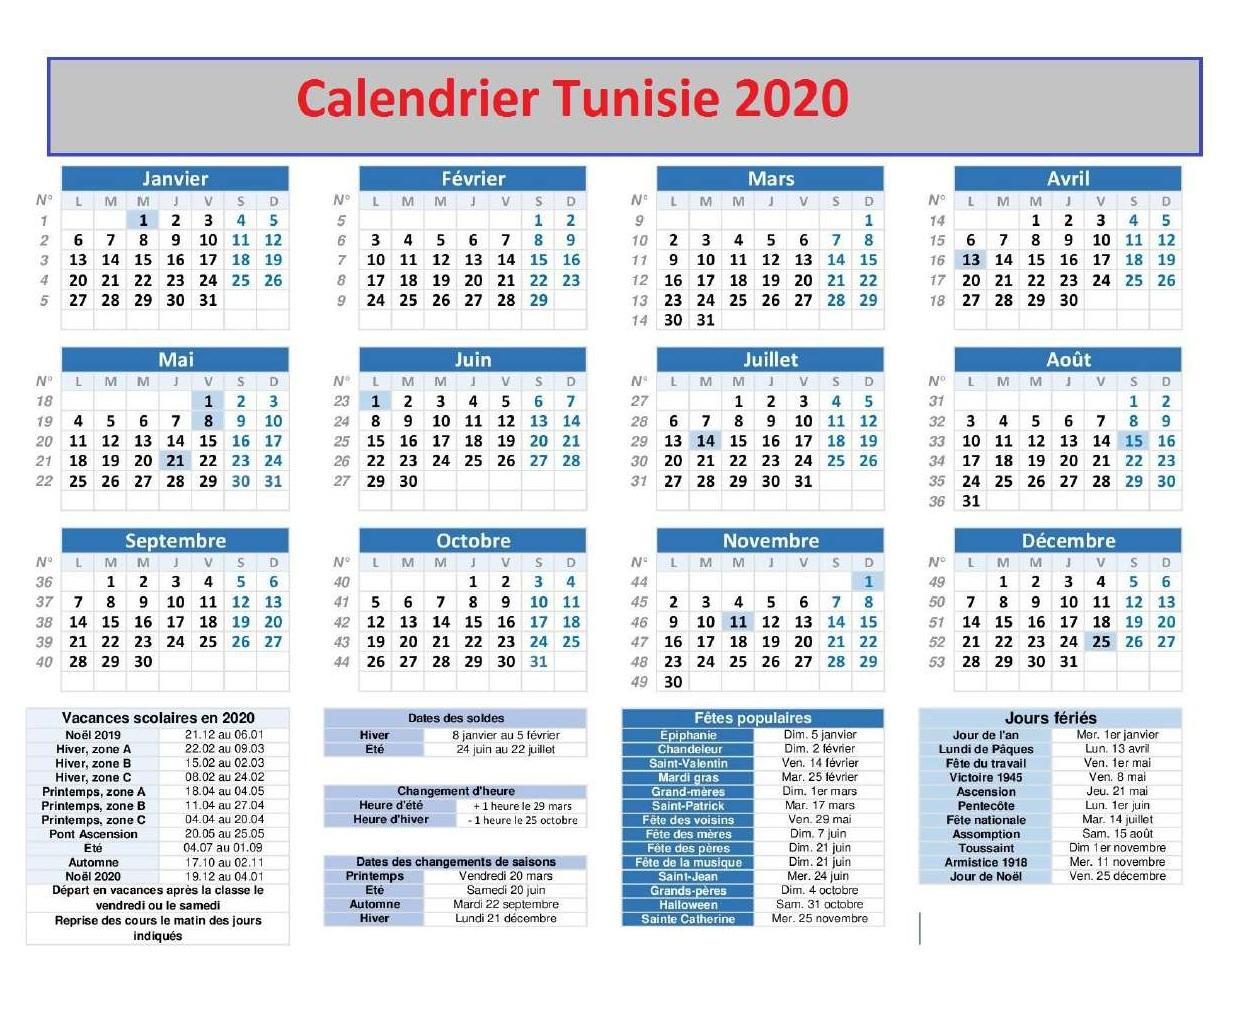 Tunisie Calendrier 2020 Jours fériés